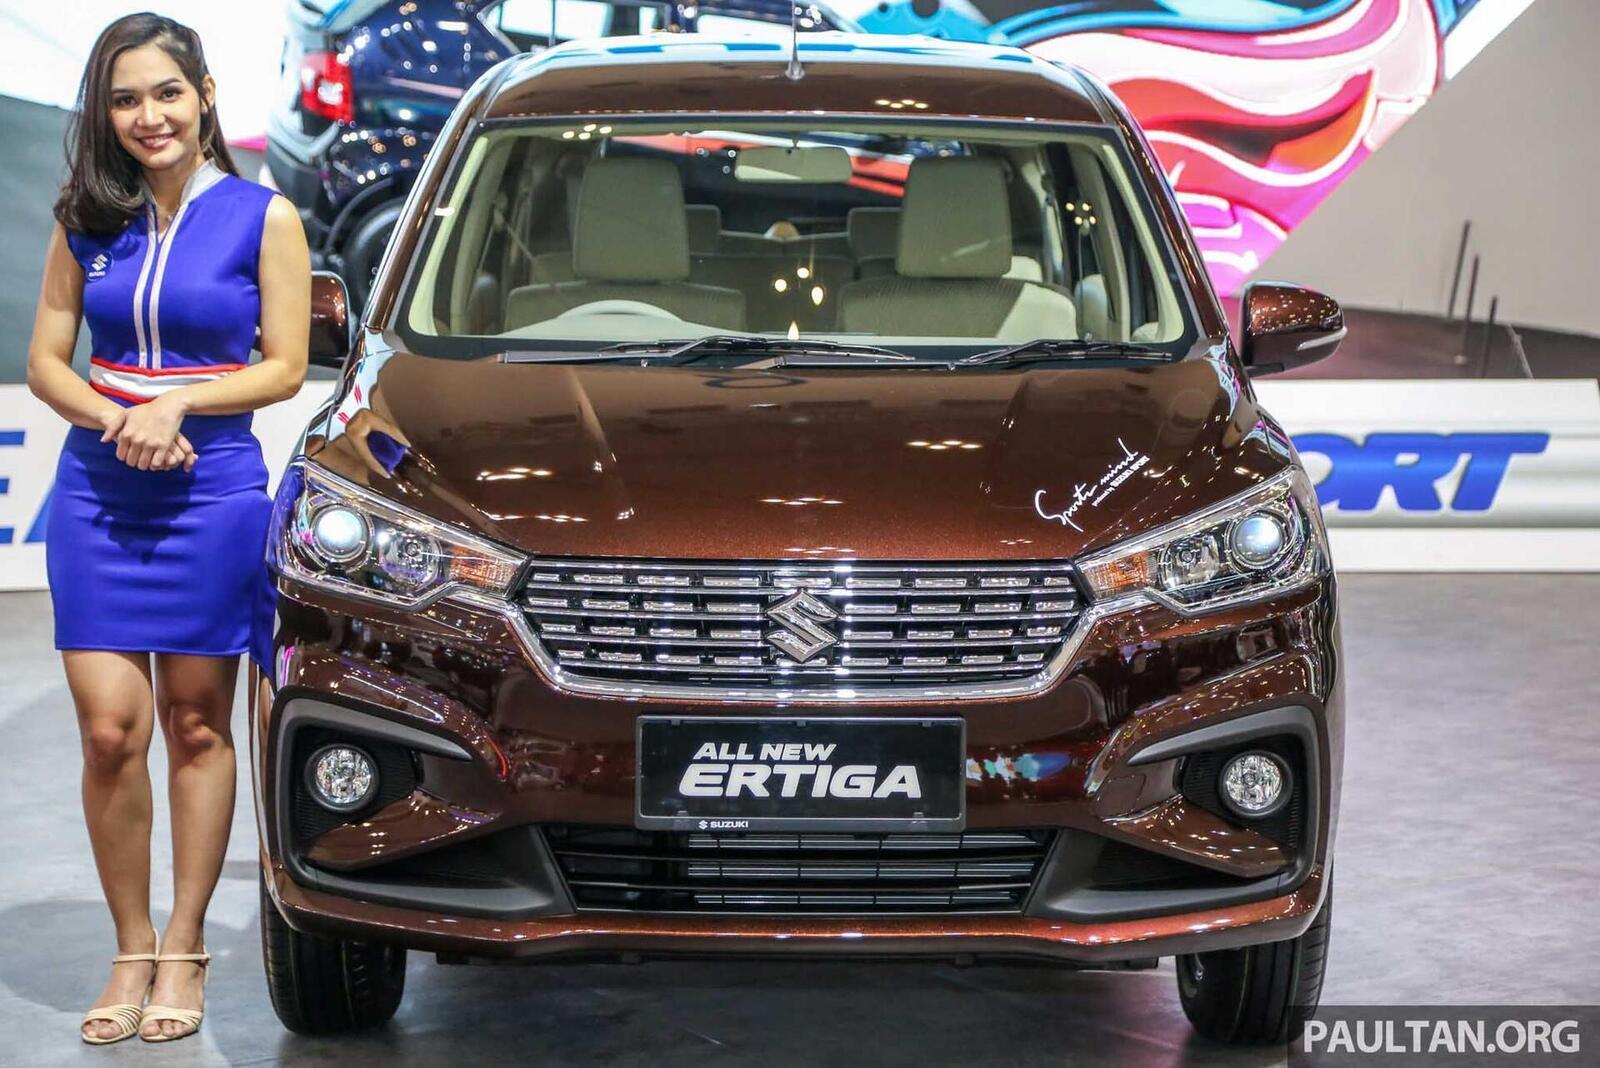 Suzuki Ertiga thế hệ mới có giá từ 486 triệu đồng tại Thái Lan; chưa hẹn ngày về Việt Nam - Hình 2